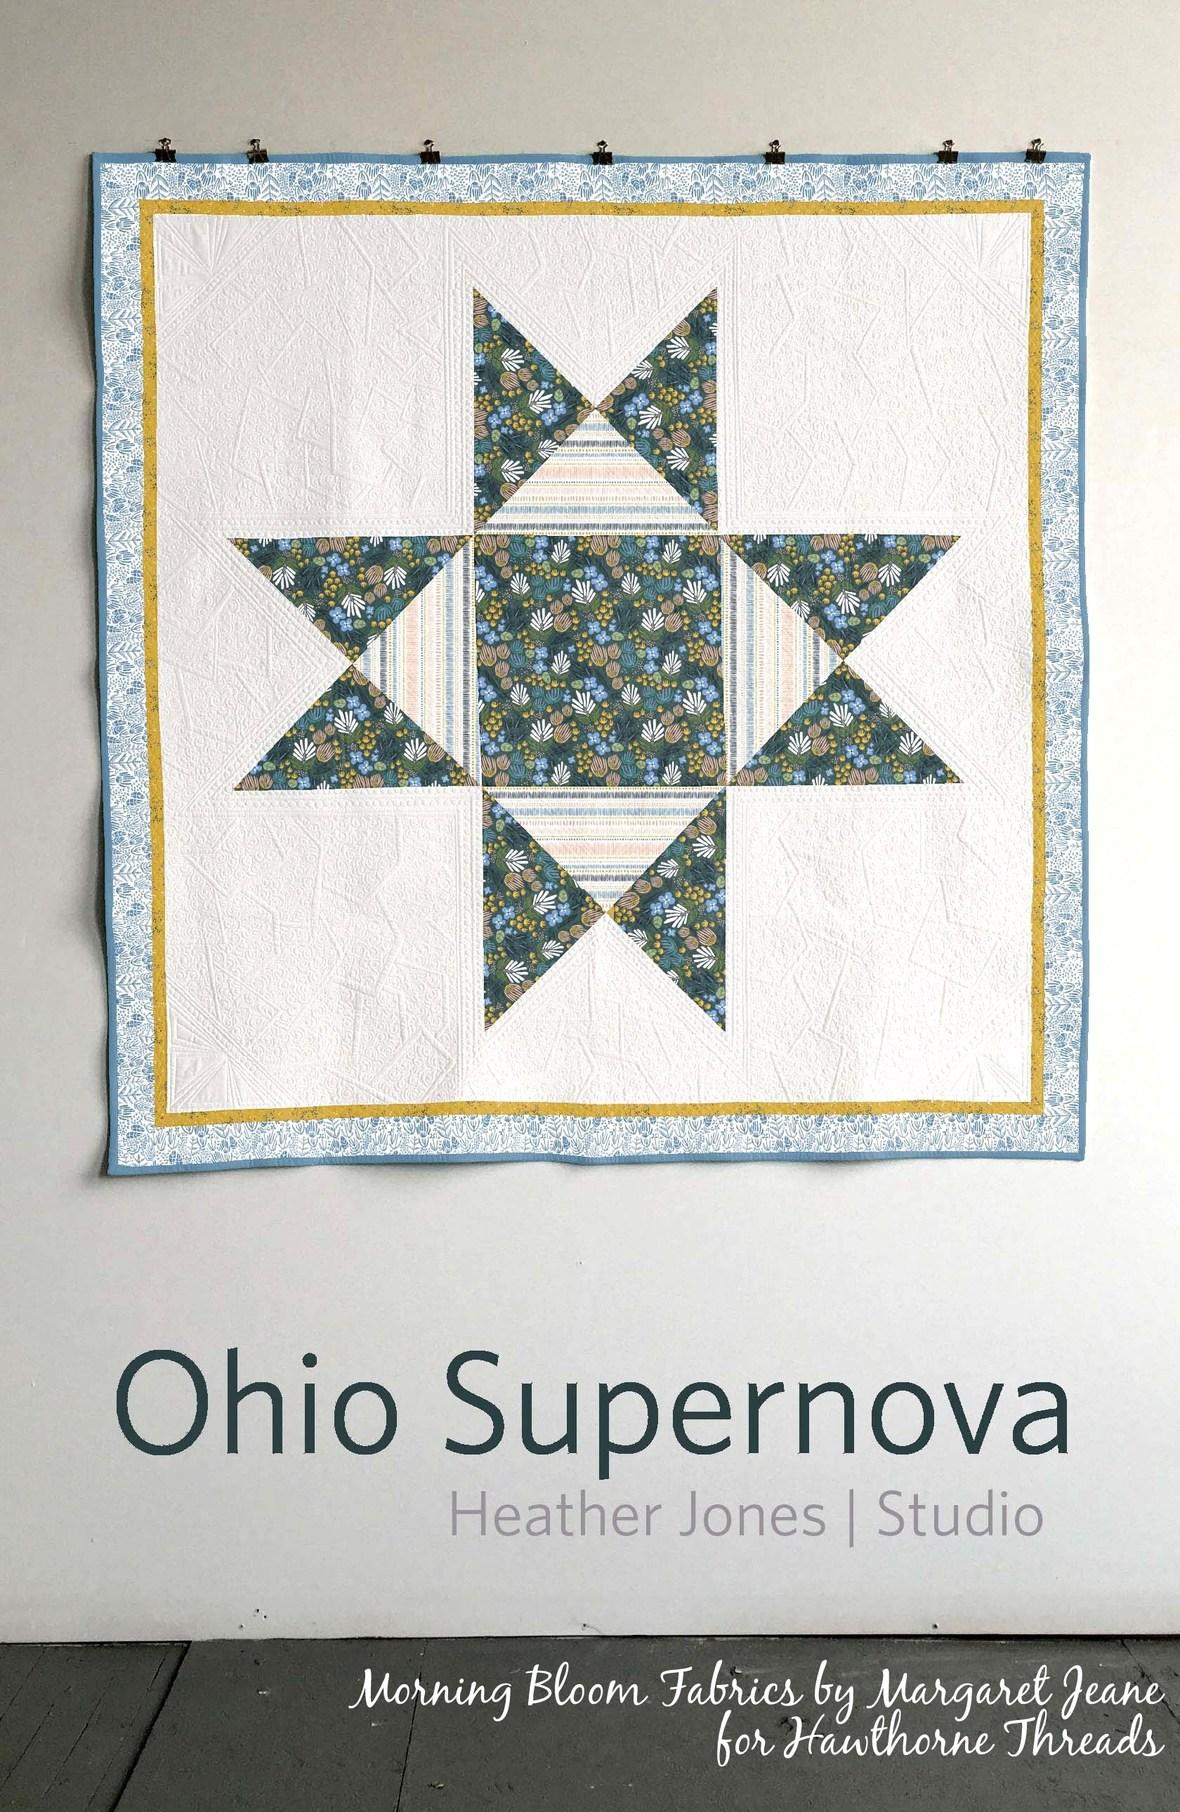 Ohio Supernova by Heather Jones C